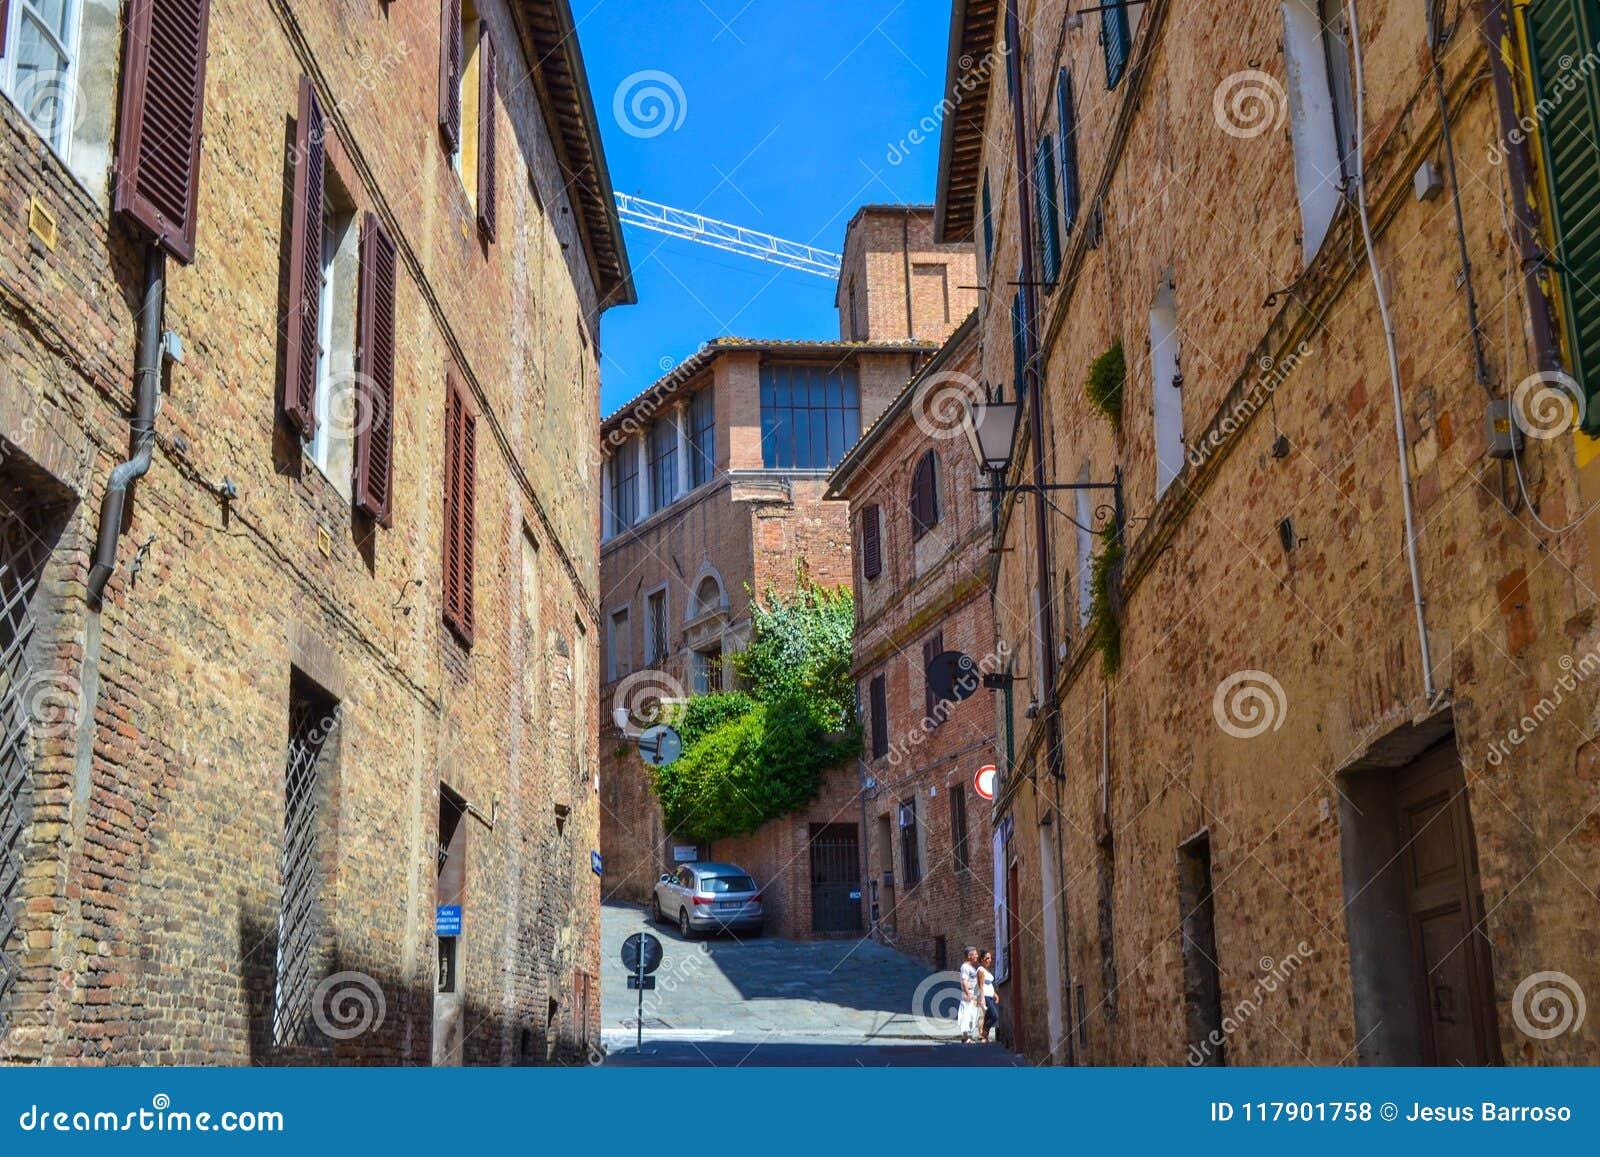 Vieille rue médiévale au milieu de Sienne, Italie